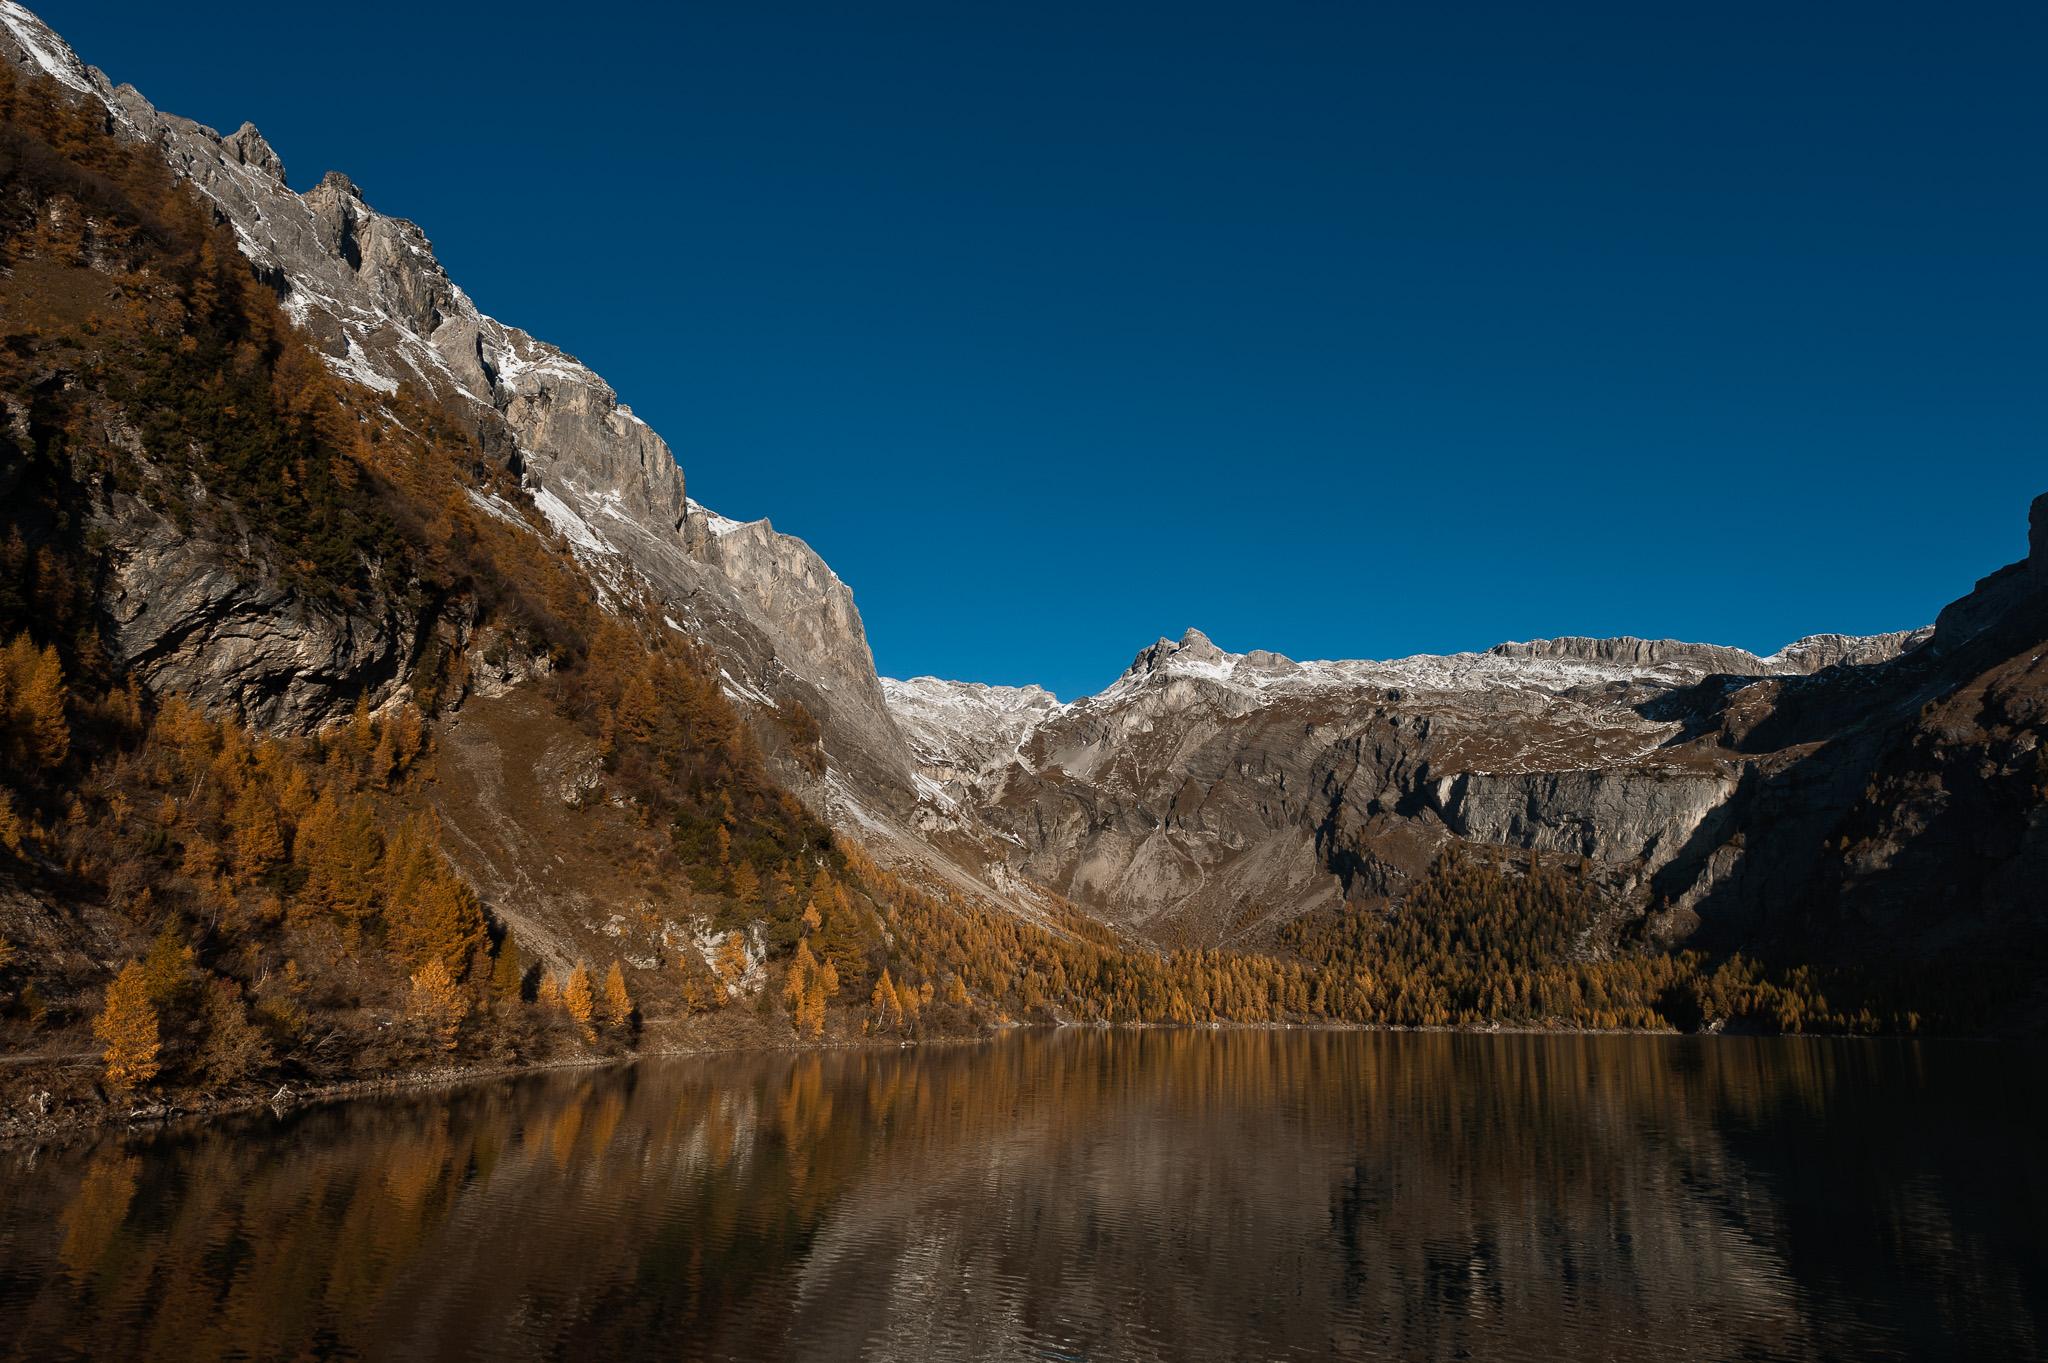 Lake Tseuzier, Valais, Switzerland